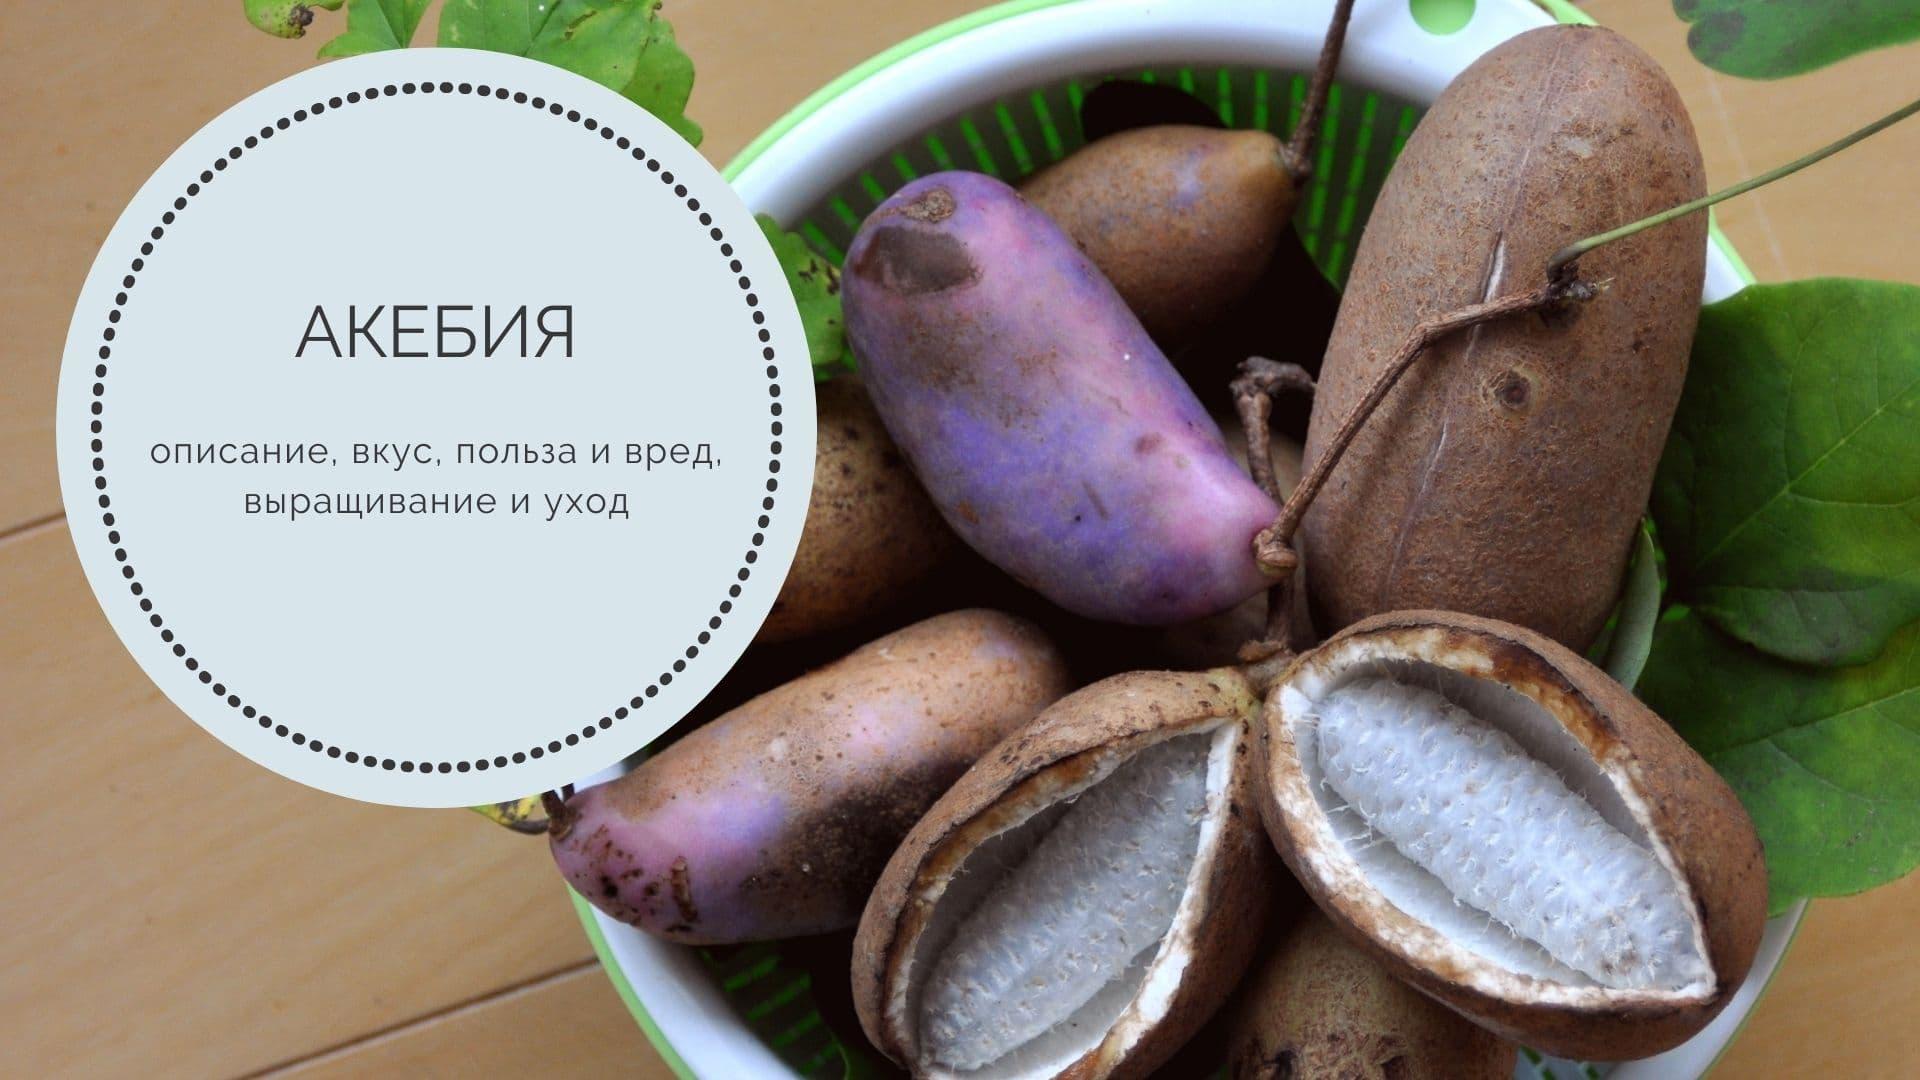 Акебия: описание, вкус, польза и вред, выращивание и уход